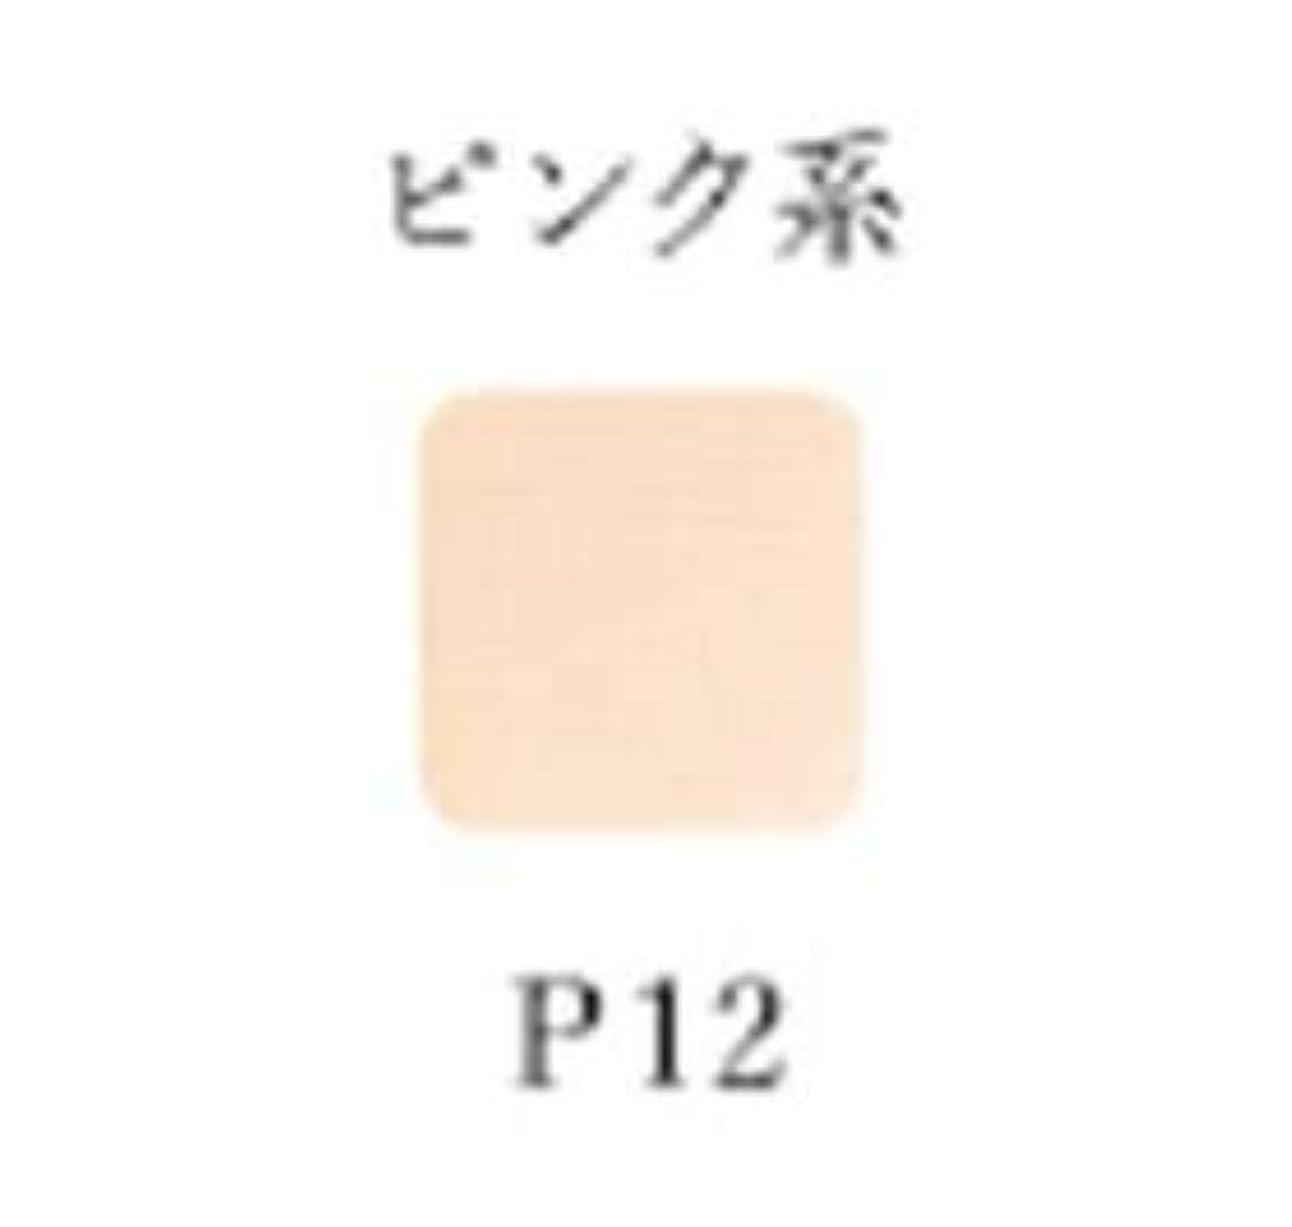 テクニカル版入場オリリー パウダリーフィニッシュUV (2ウェイ) リフィル P12<14g>